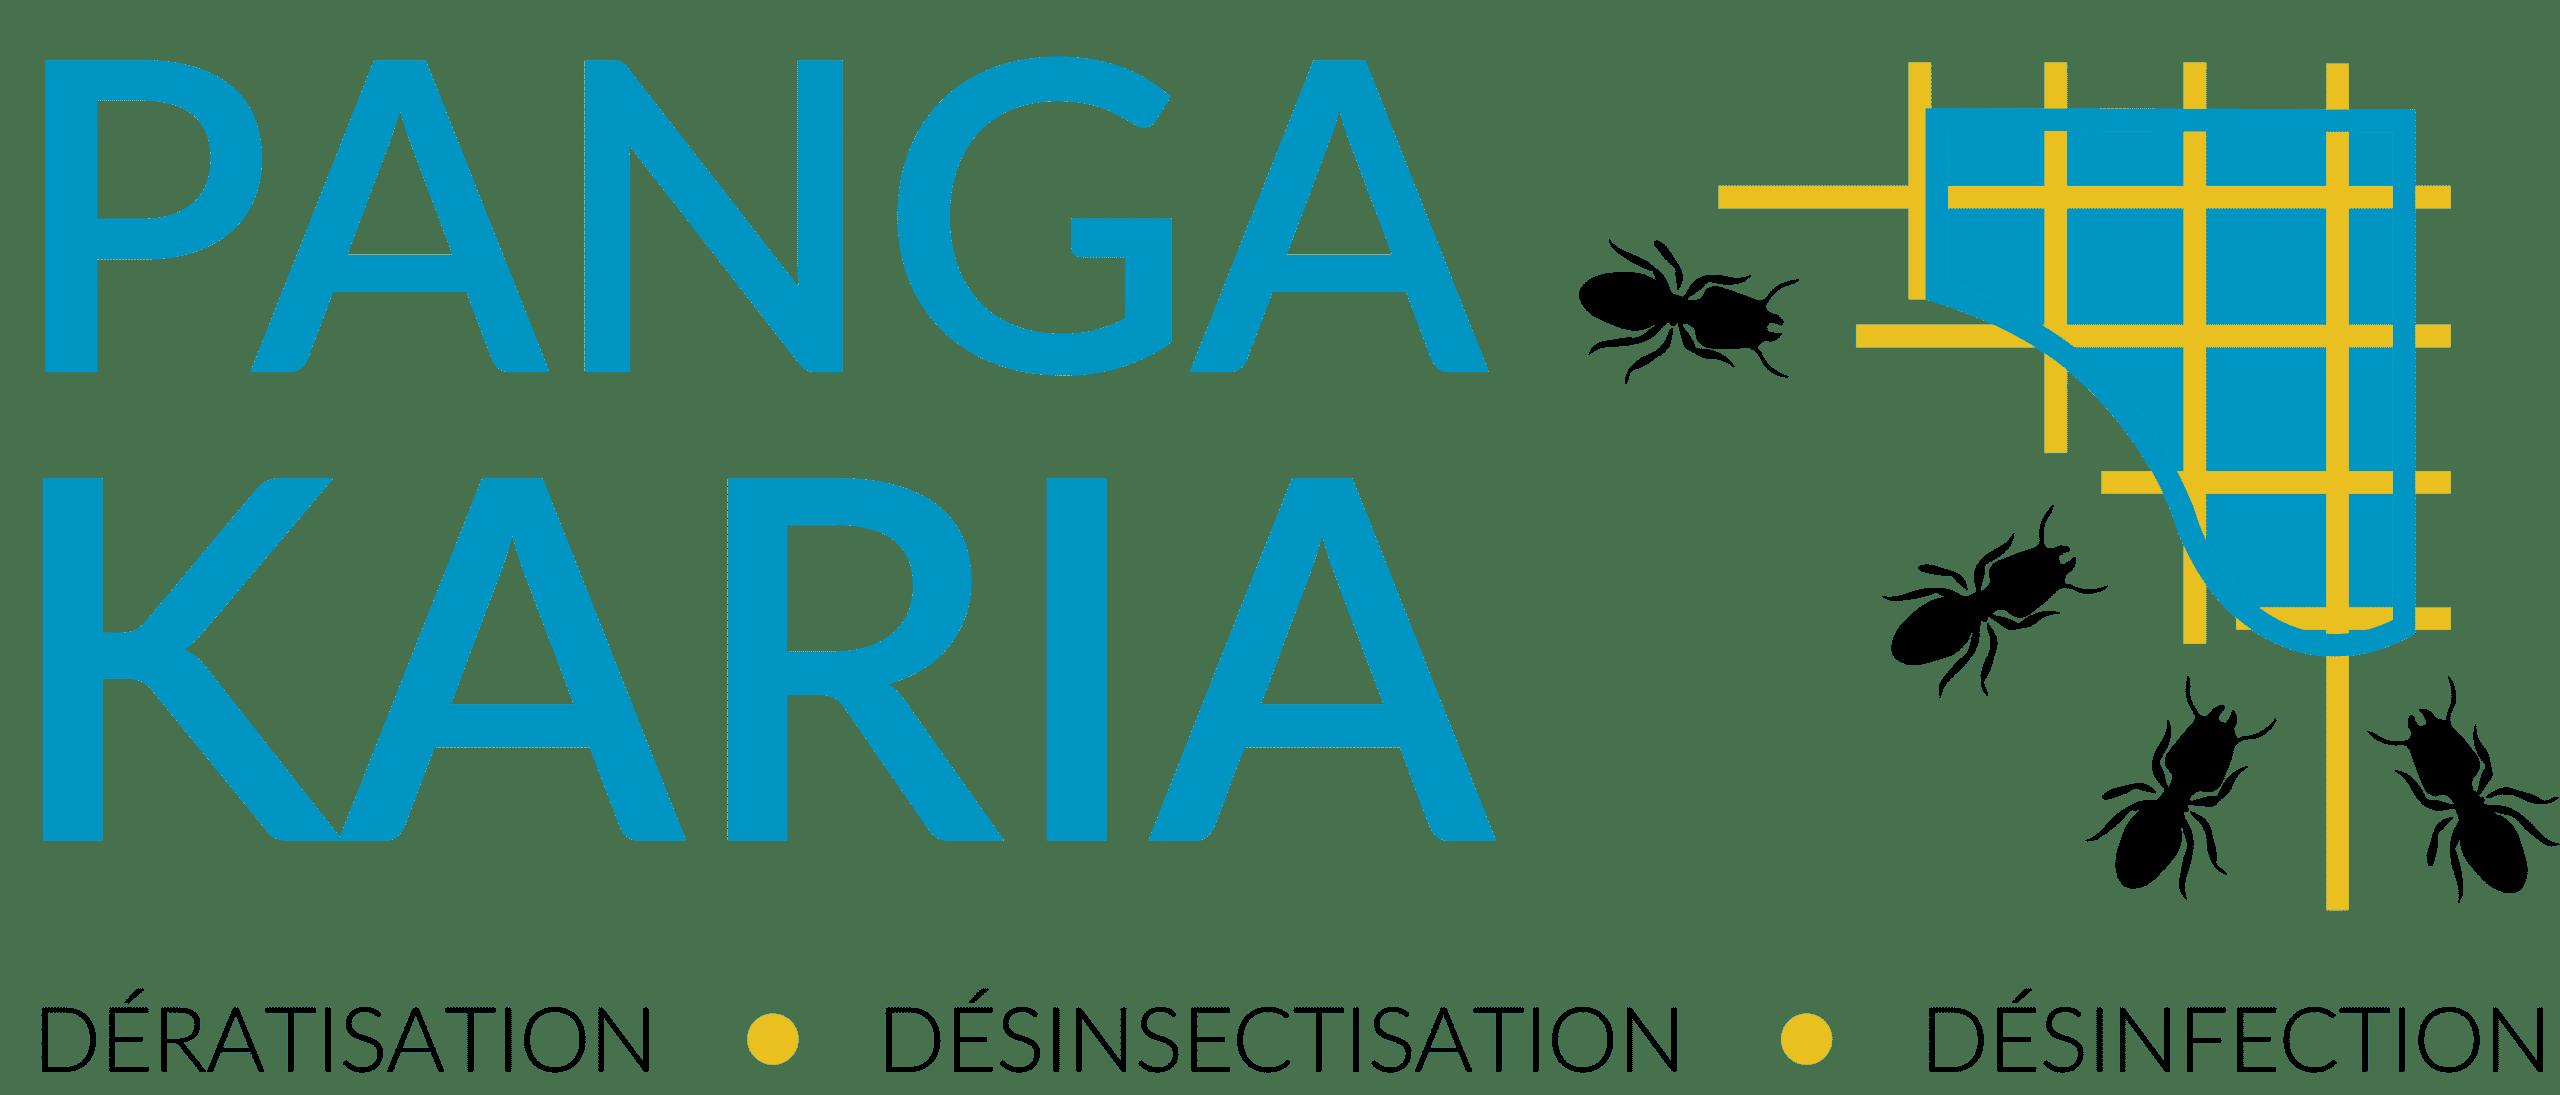 Panga'Karia